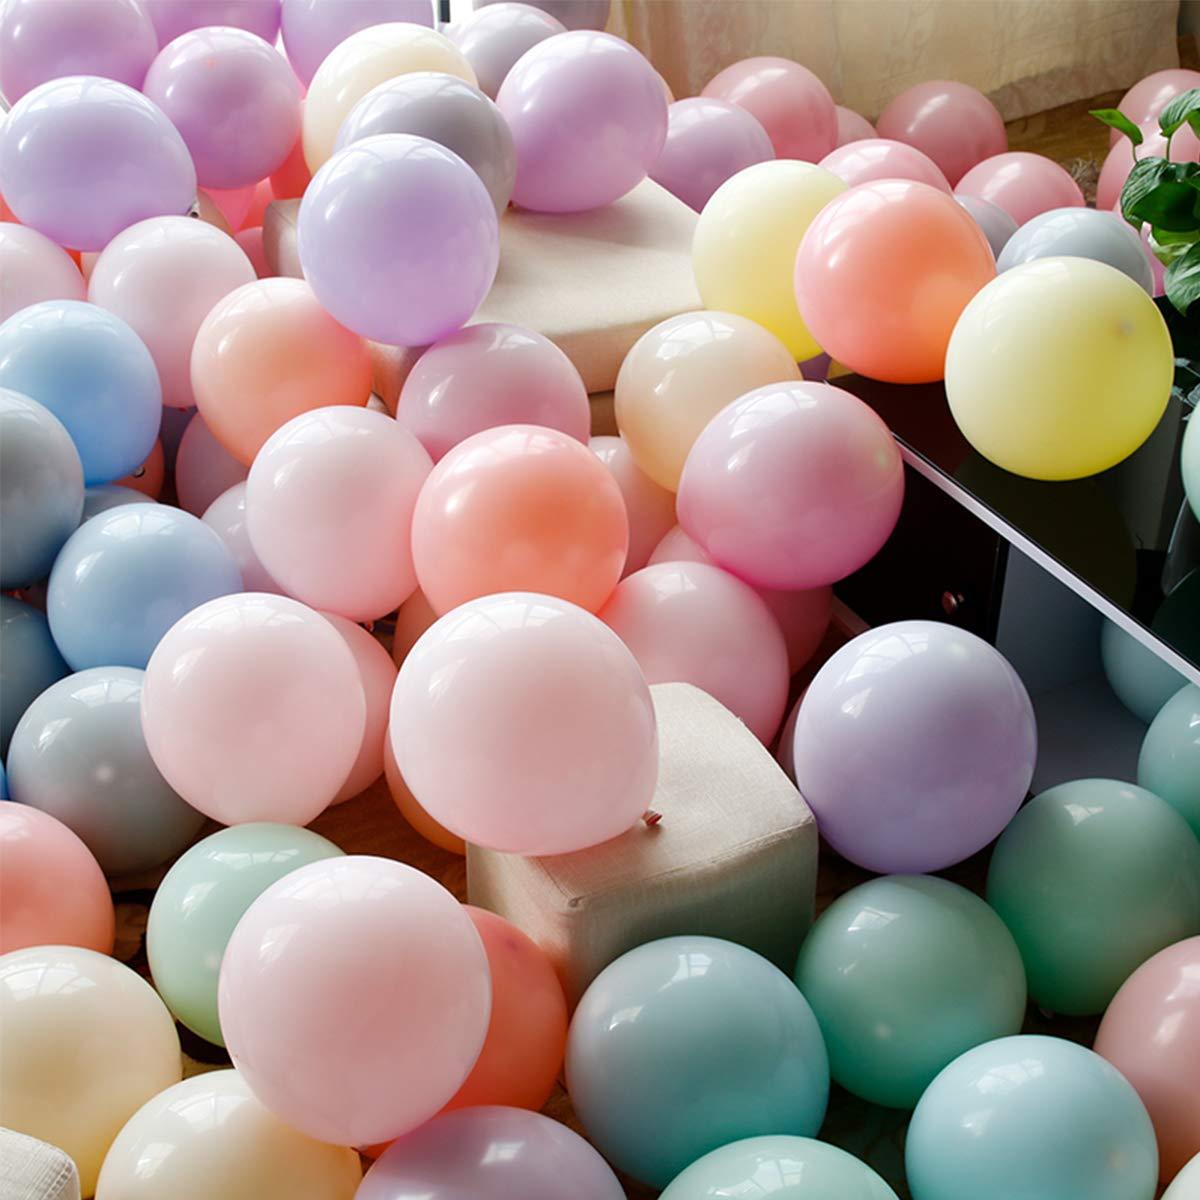 PuTwo Palloncini 100 pz Palloncini 10 Pollici Palloncini in Lattice Palloncini Compleanno Articoli per feste per Compleanno Matrimonio Festa di Laurea Natale Baby Shower - Macaron